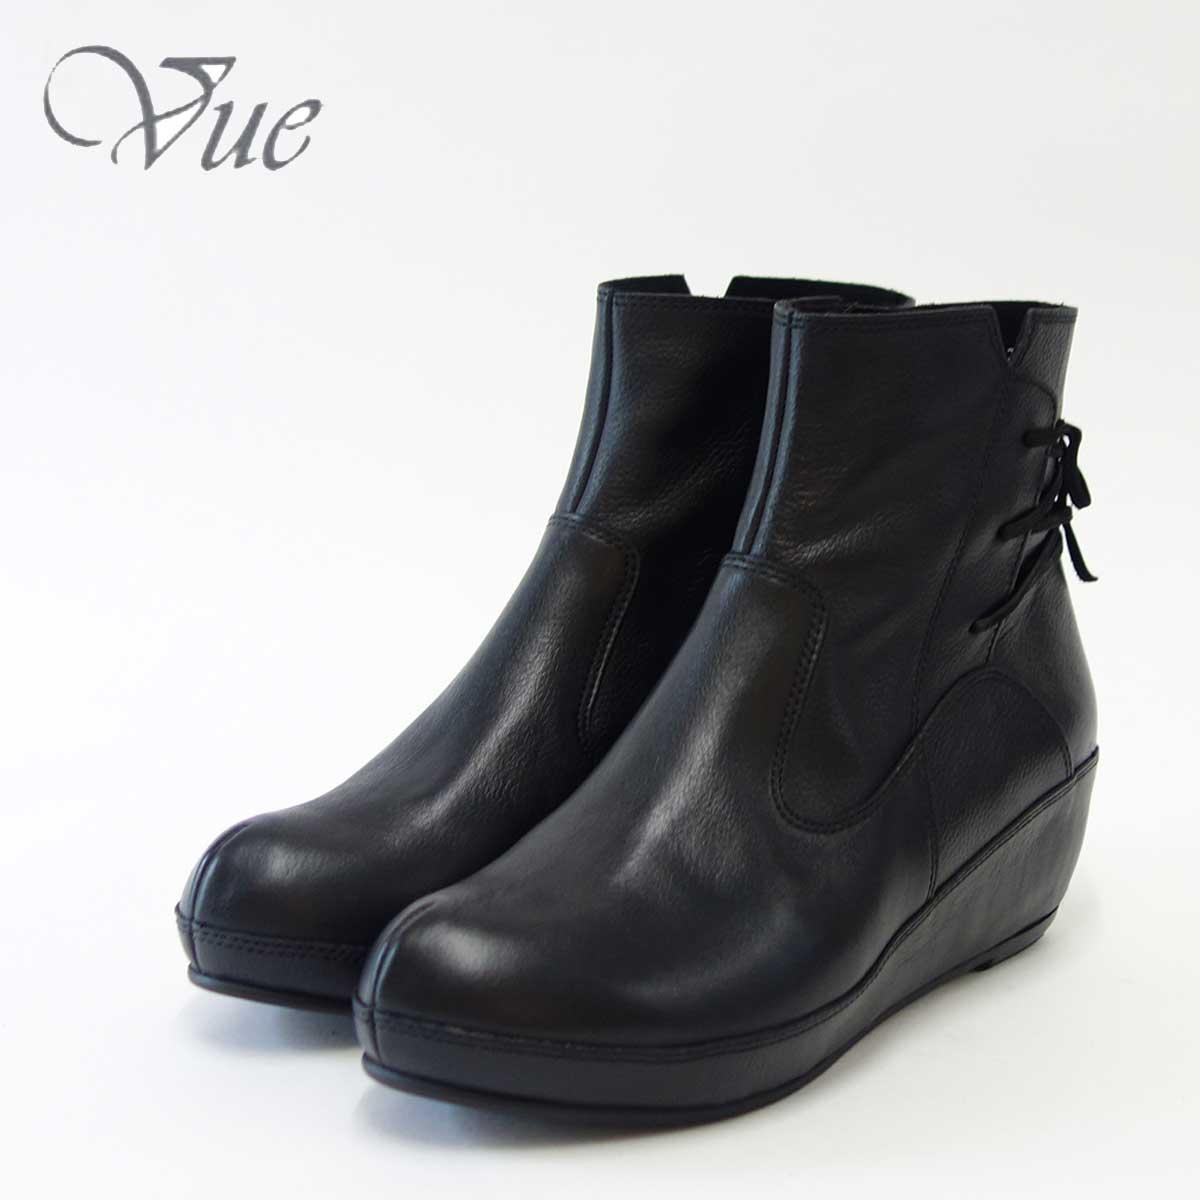 Vue ビュー EIZO Collection 73535 ブラック上質レザーのウェッジショートブーツ「靴」